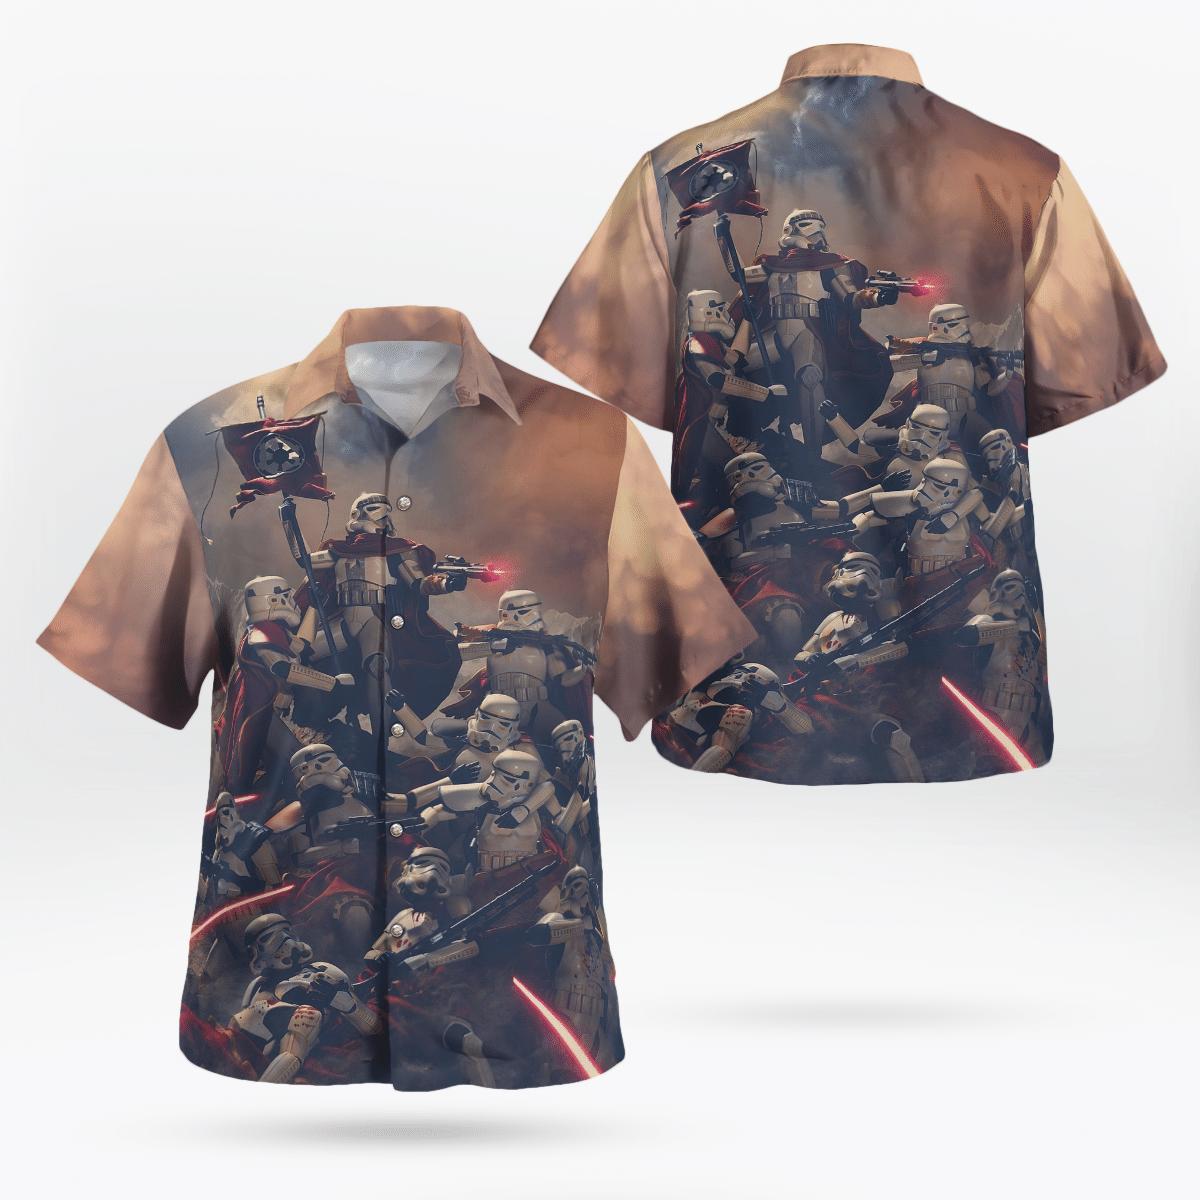 Stormtrooper Revolutionary Star wars Hawaiian Shirt